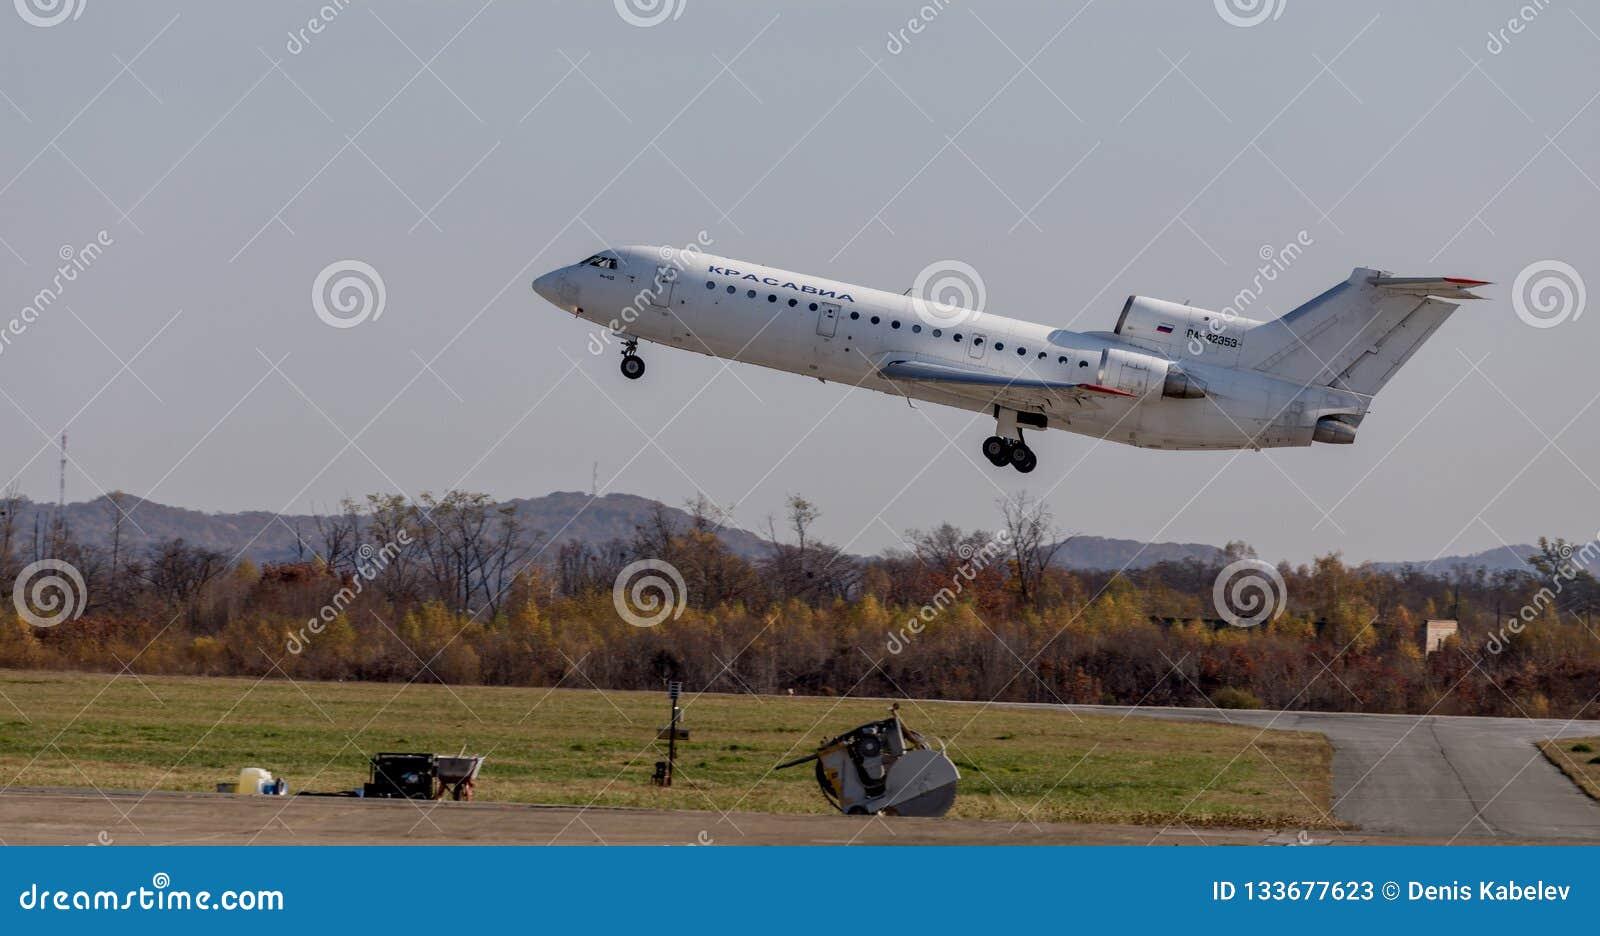 Passagiers straalvliegtuigen Yakovlev die jak-42 NAVO naam melden: Sla van KrasAvia-Luchtvaartlijnenbedrijf opstijgt in elkaar De